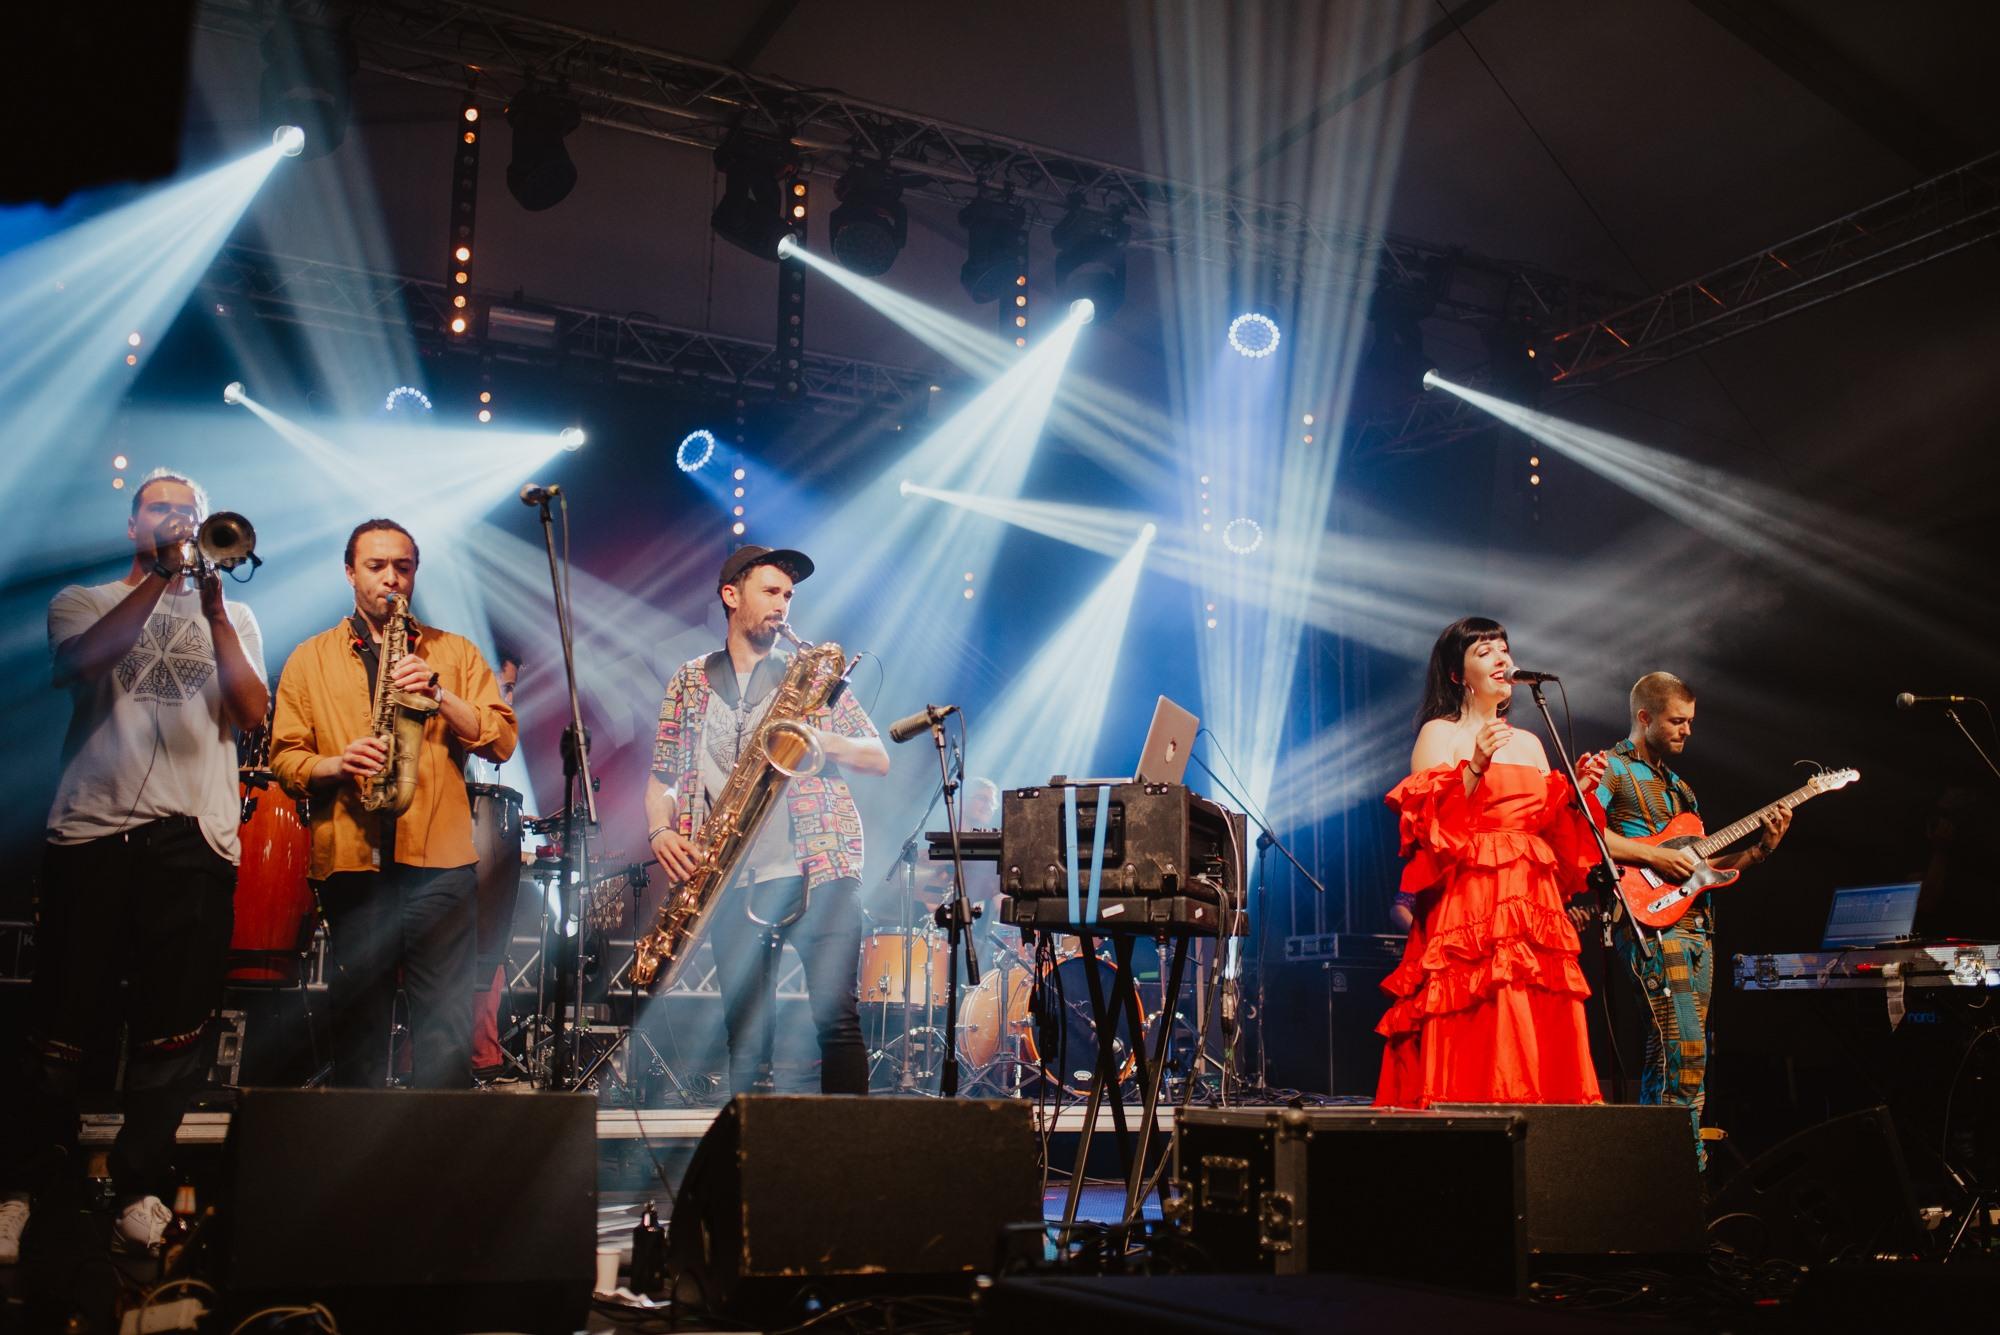 [Zdjęcie z koncertu przedstawia zespół muzyczny Nubiyan Twist na scenie. Od lewej strony - mężczyzna grający na trąbce, dwóch mężczyzn grających na saksofonach, kobieta w czerwonej sukience śpiewająca do mikrofonu oraz mężczyzna grający na gitarze.]